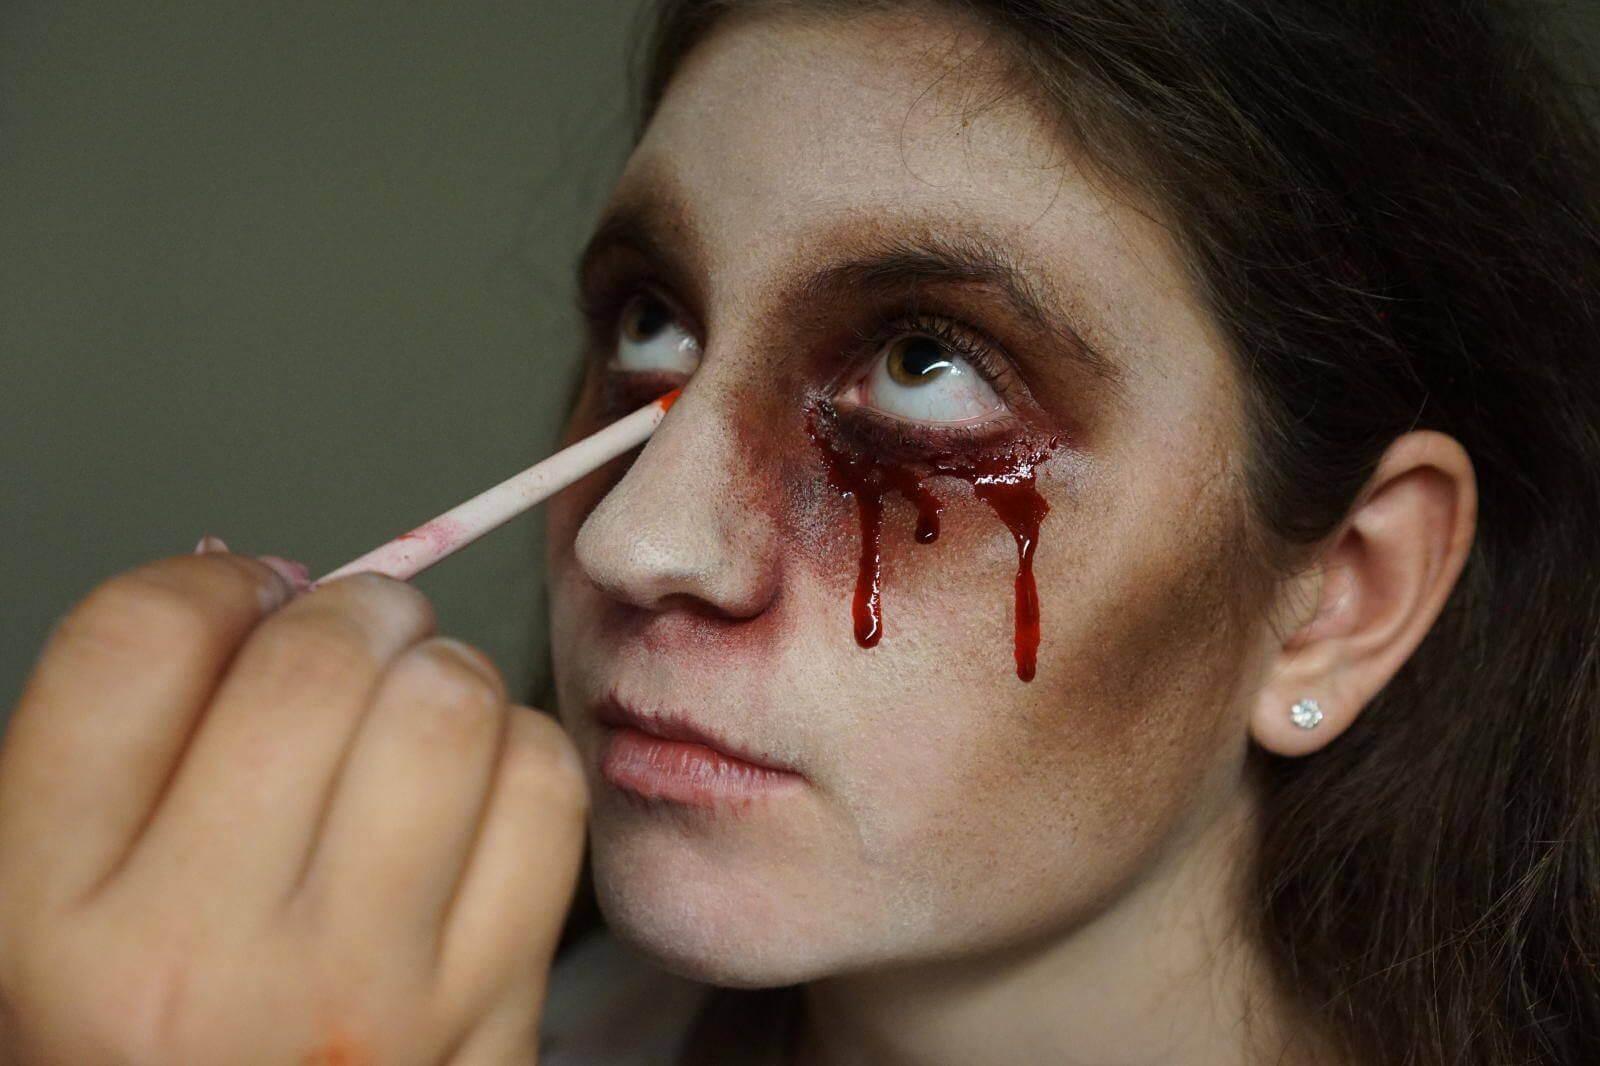 jobs-makeup-woman-monster-creature-heartstoppers